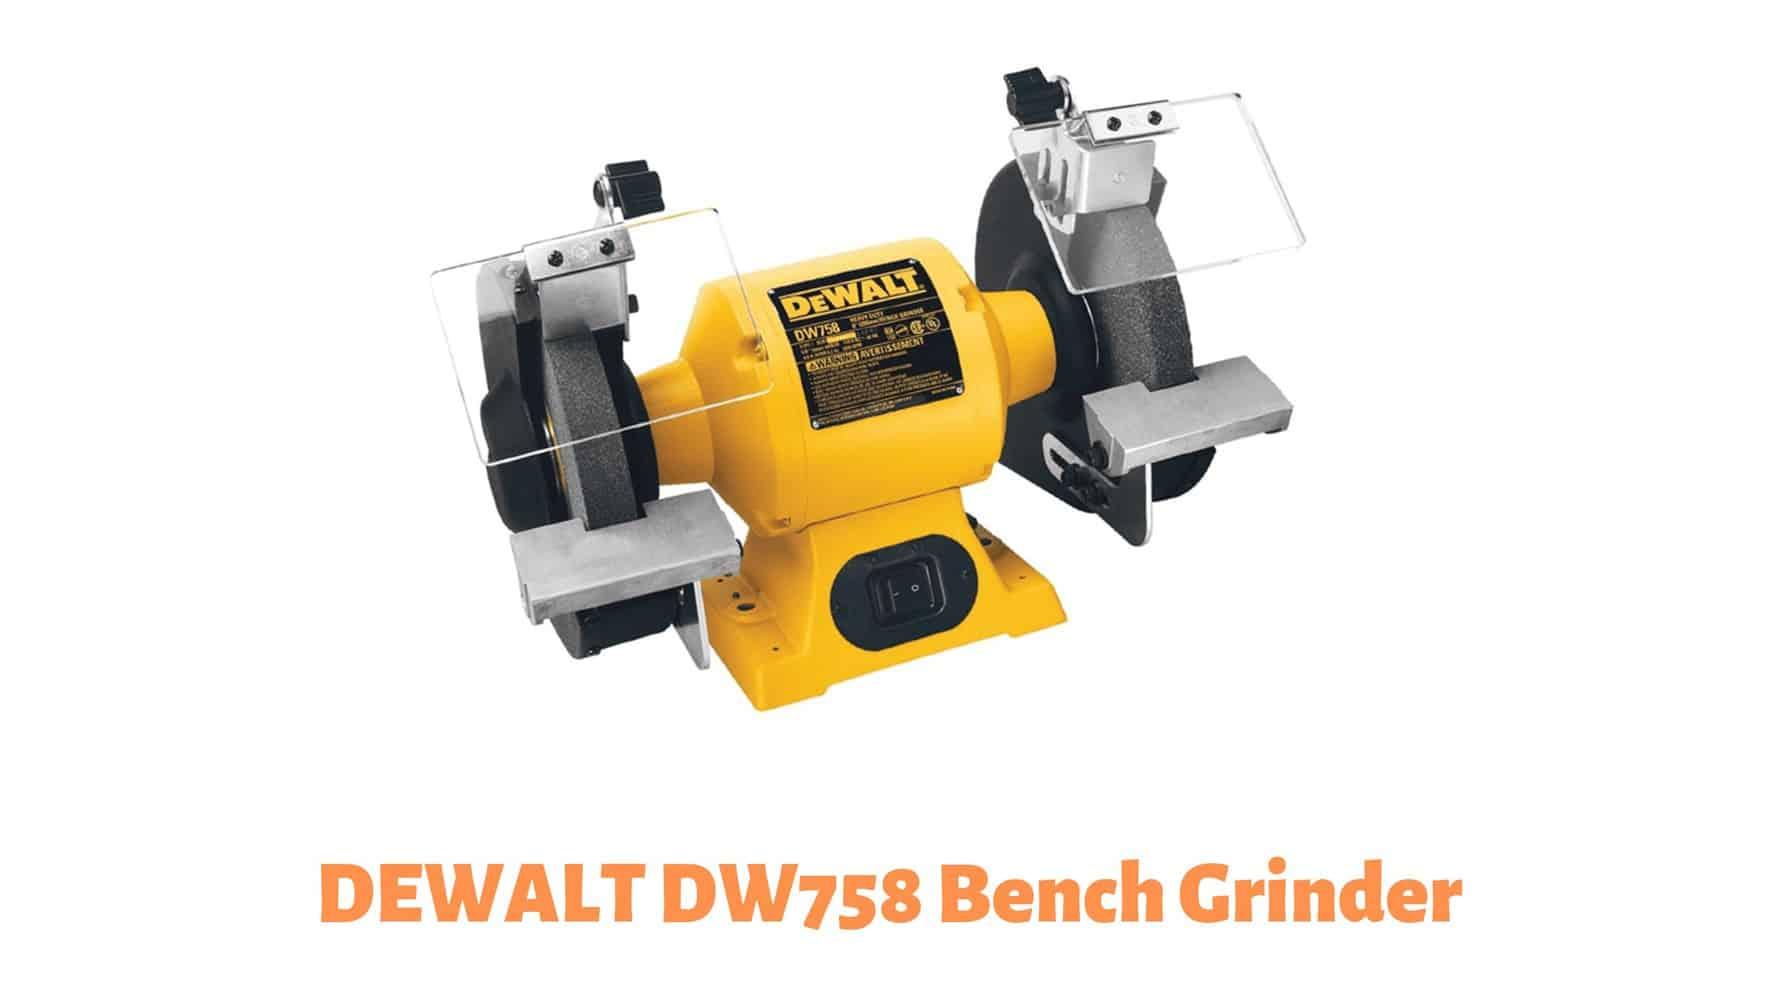 DeWalt DW758